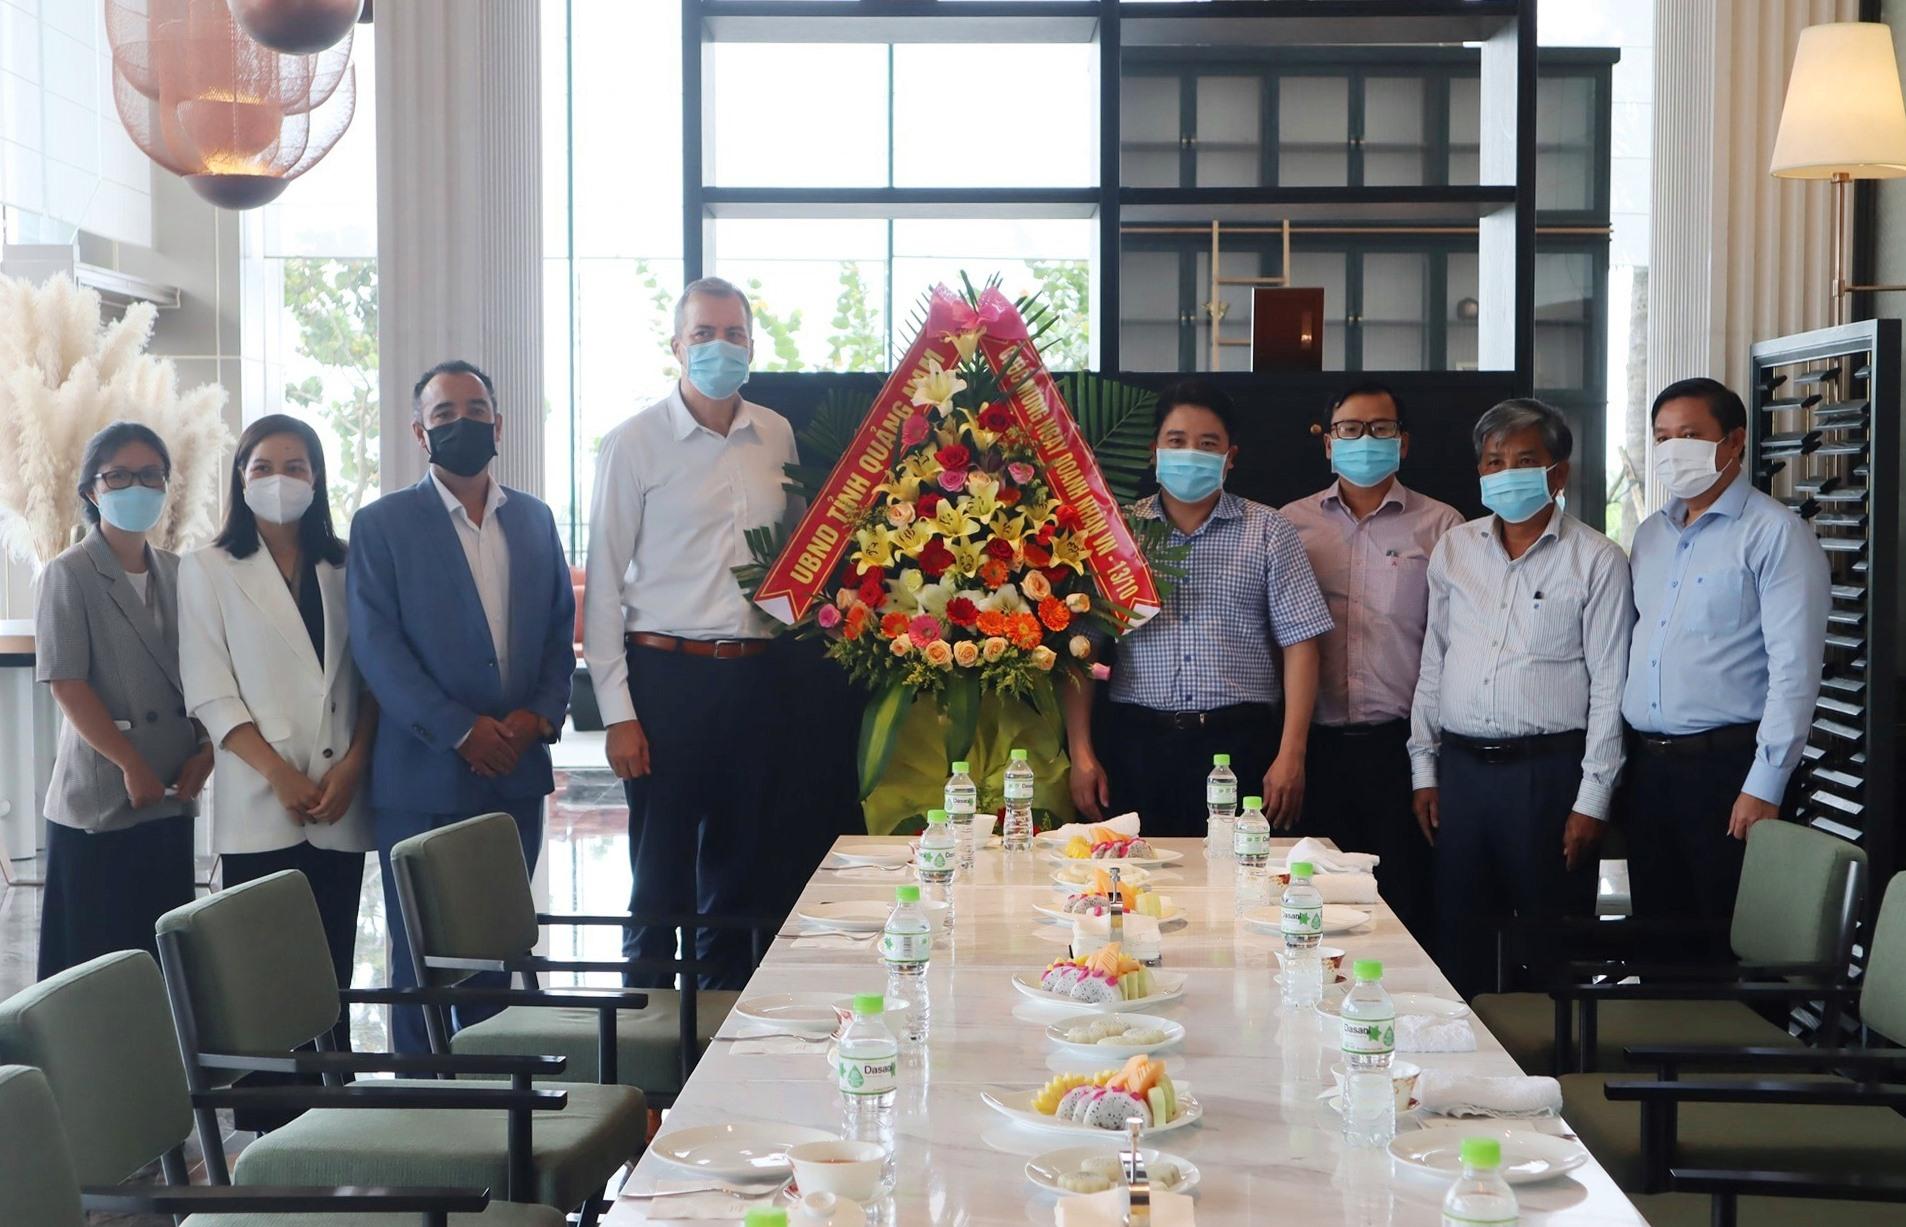 Tặng hoa chúc mừng Ngày Doanh nhân Việt Nam tại khu nghỉ dưỡng phức hợp Hoiana. Ảnh: Q.T